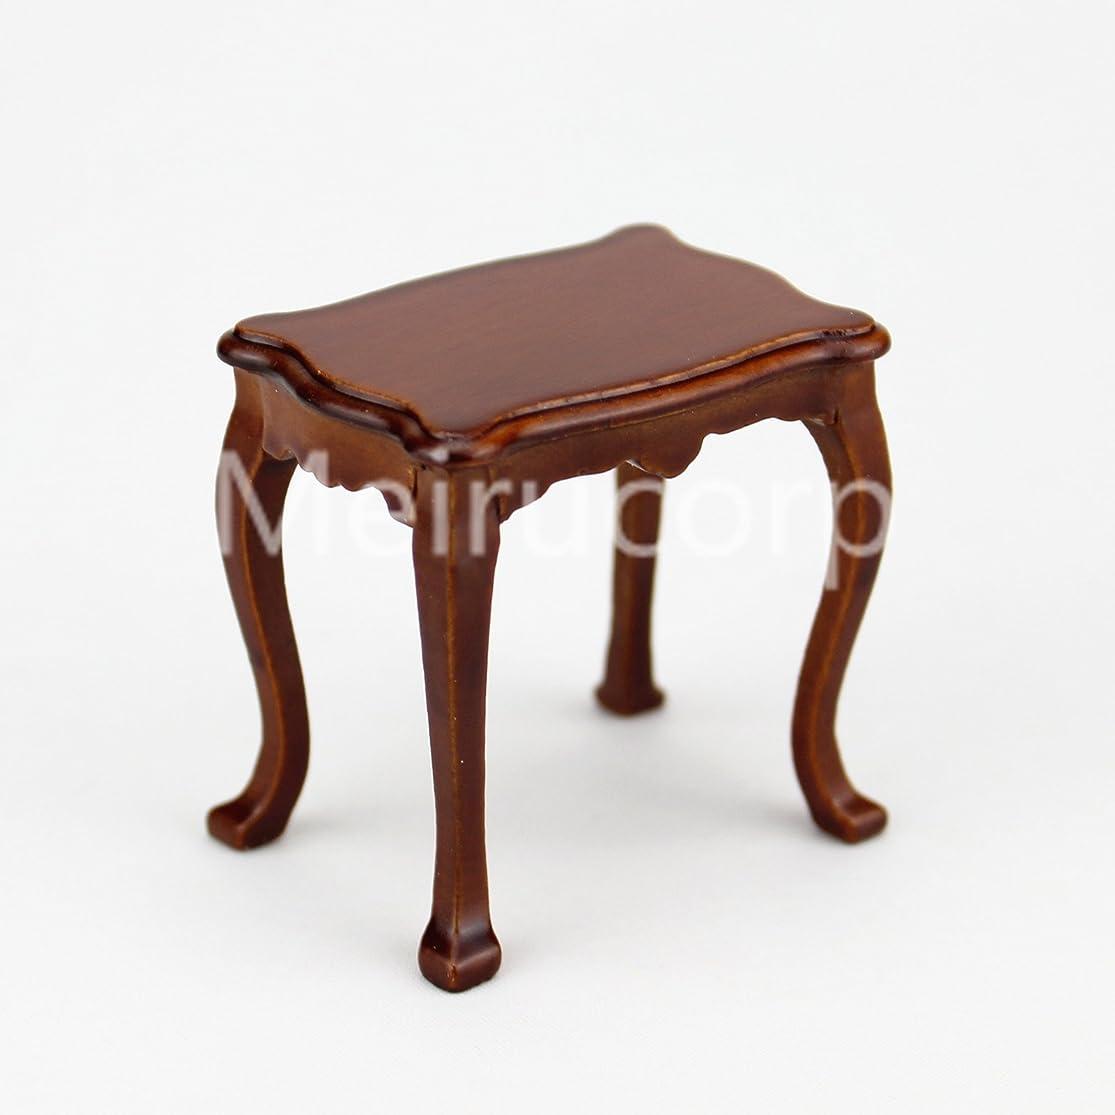 アコード船乗りヒューズDollhouse 1/12 scale miniature Furniture model wooden small side table 12265